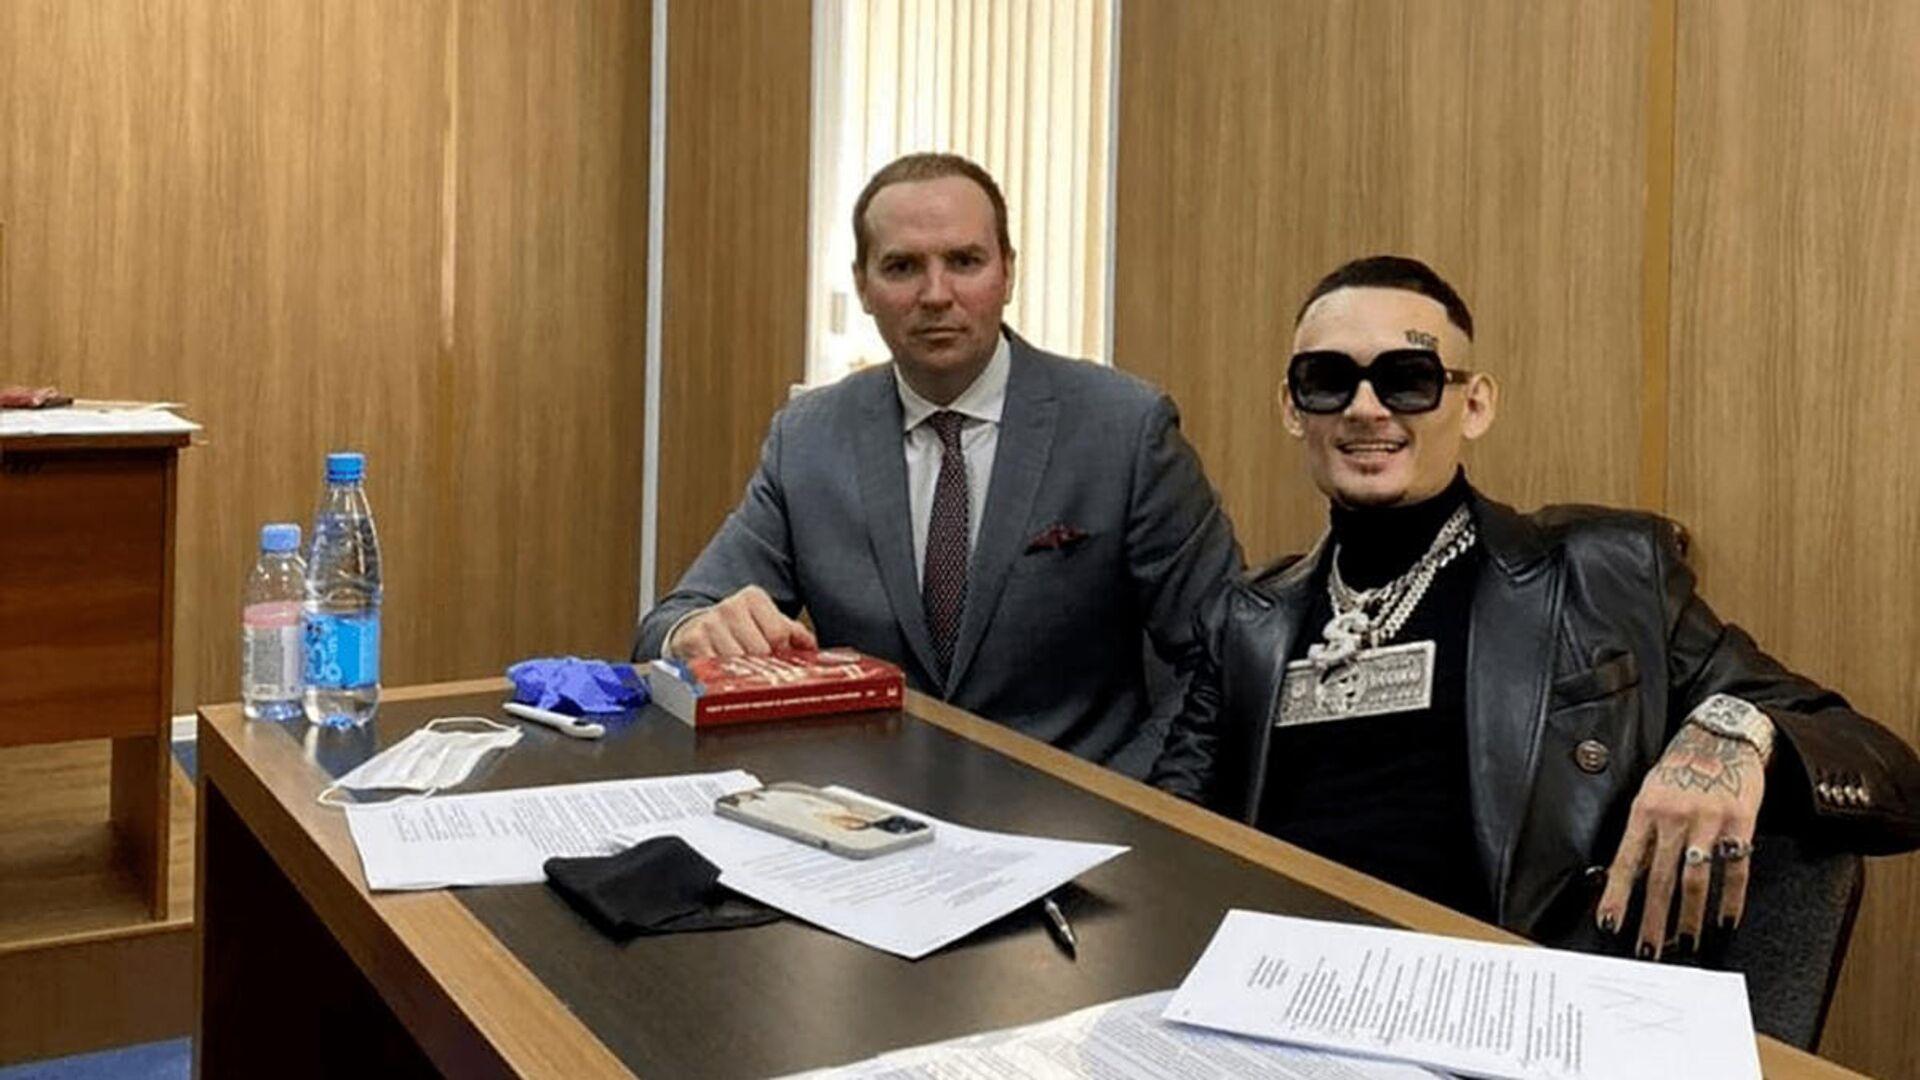 Моргенштерн в суде - РИА Новости, 1920, 03.06.2021